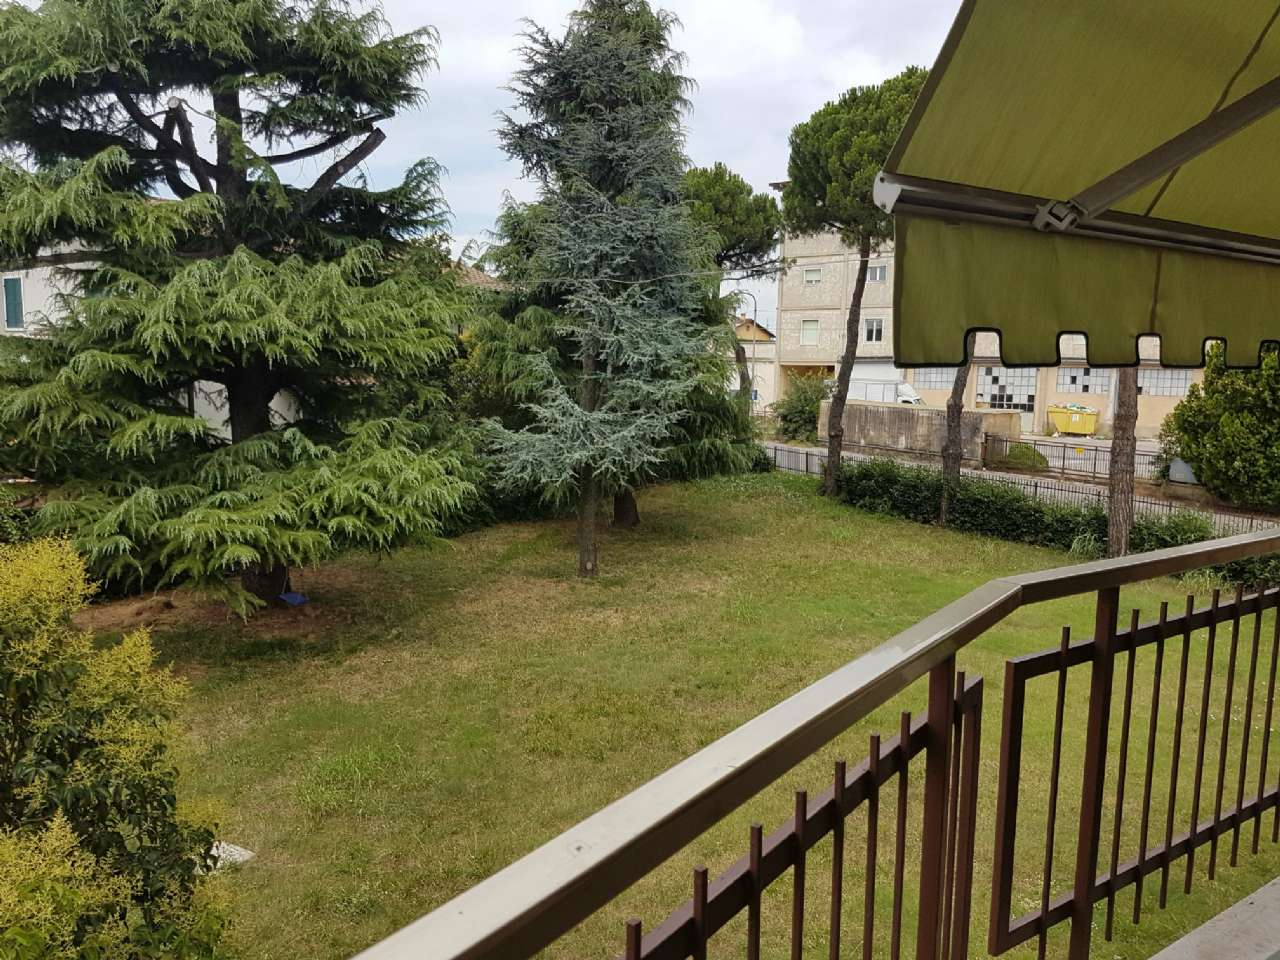 Appartamento in affitto a Verona, 4 locali, zona Zona: 10 . Borgo Roma - Ca' di David - Palazzina - Zai, prezzo € 700   CambioCasa.it